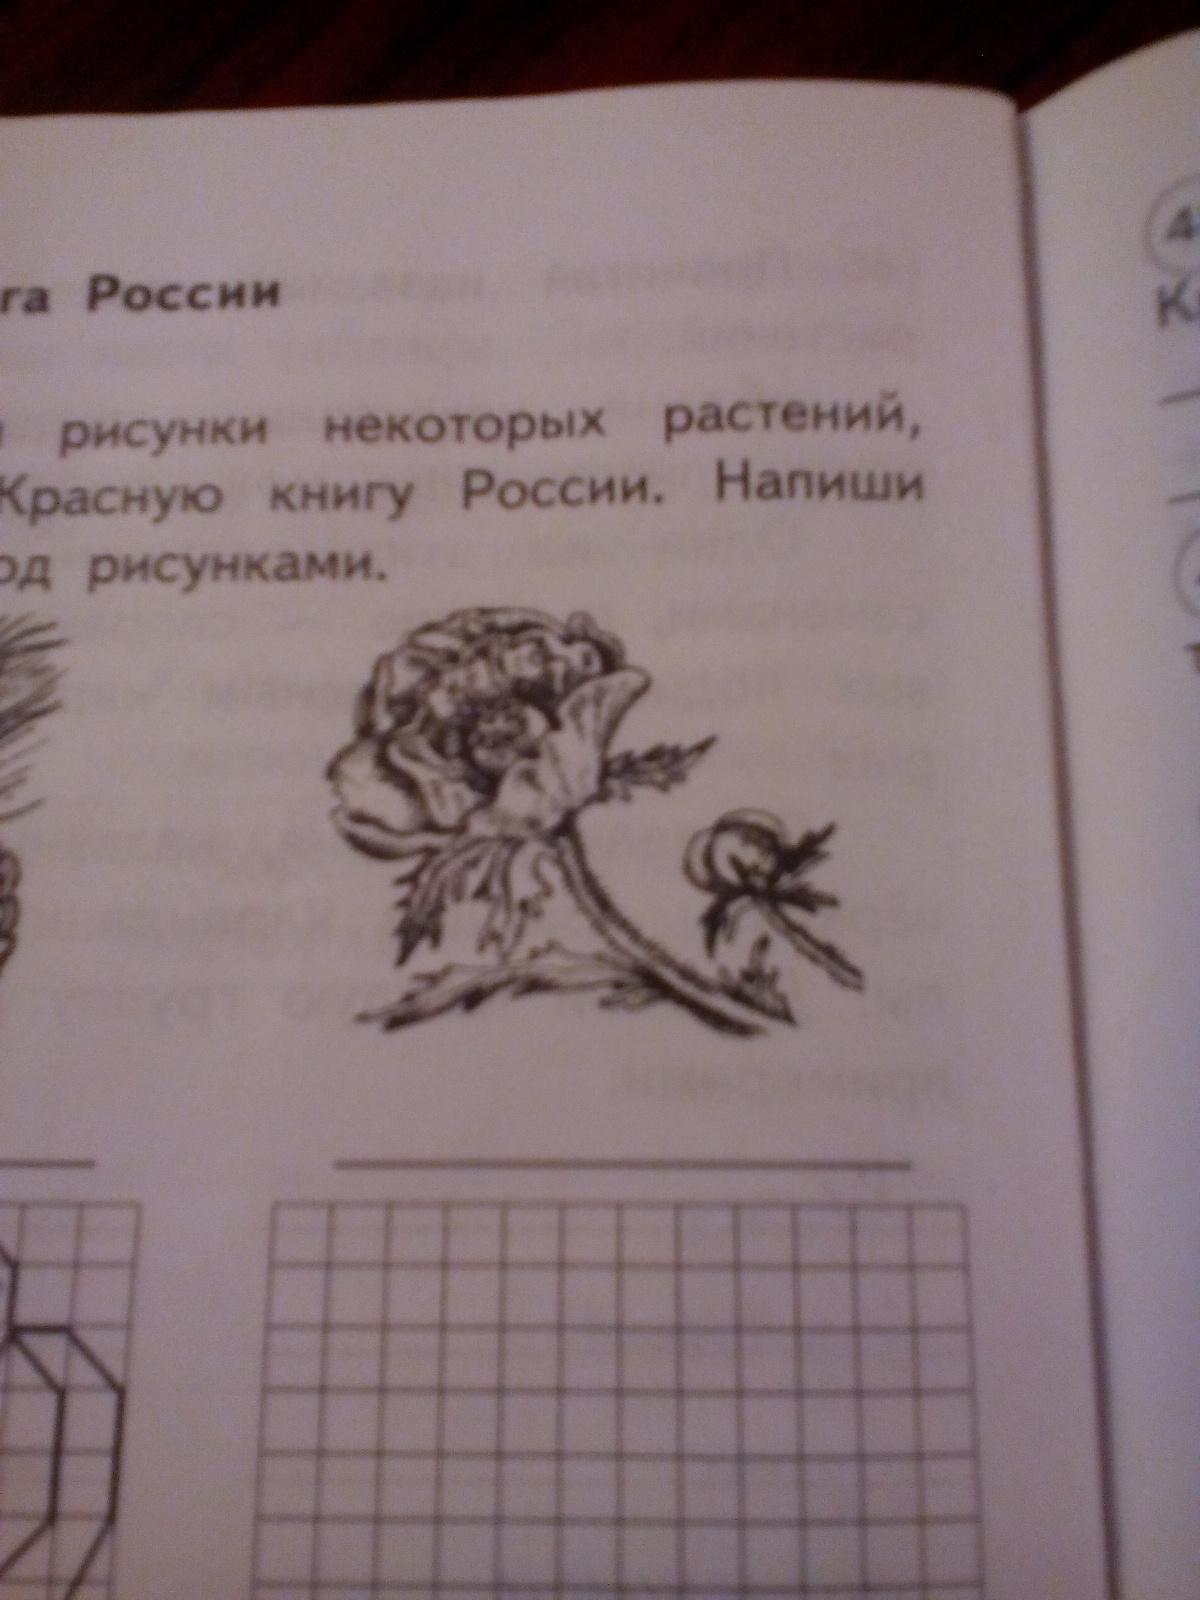 Что за растениезанесено в красную книгу?